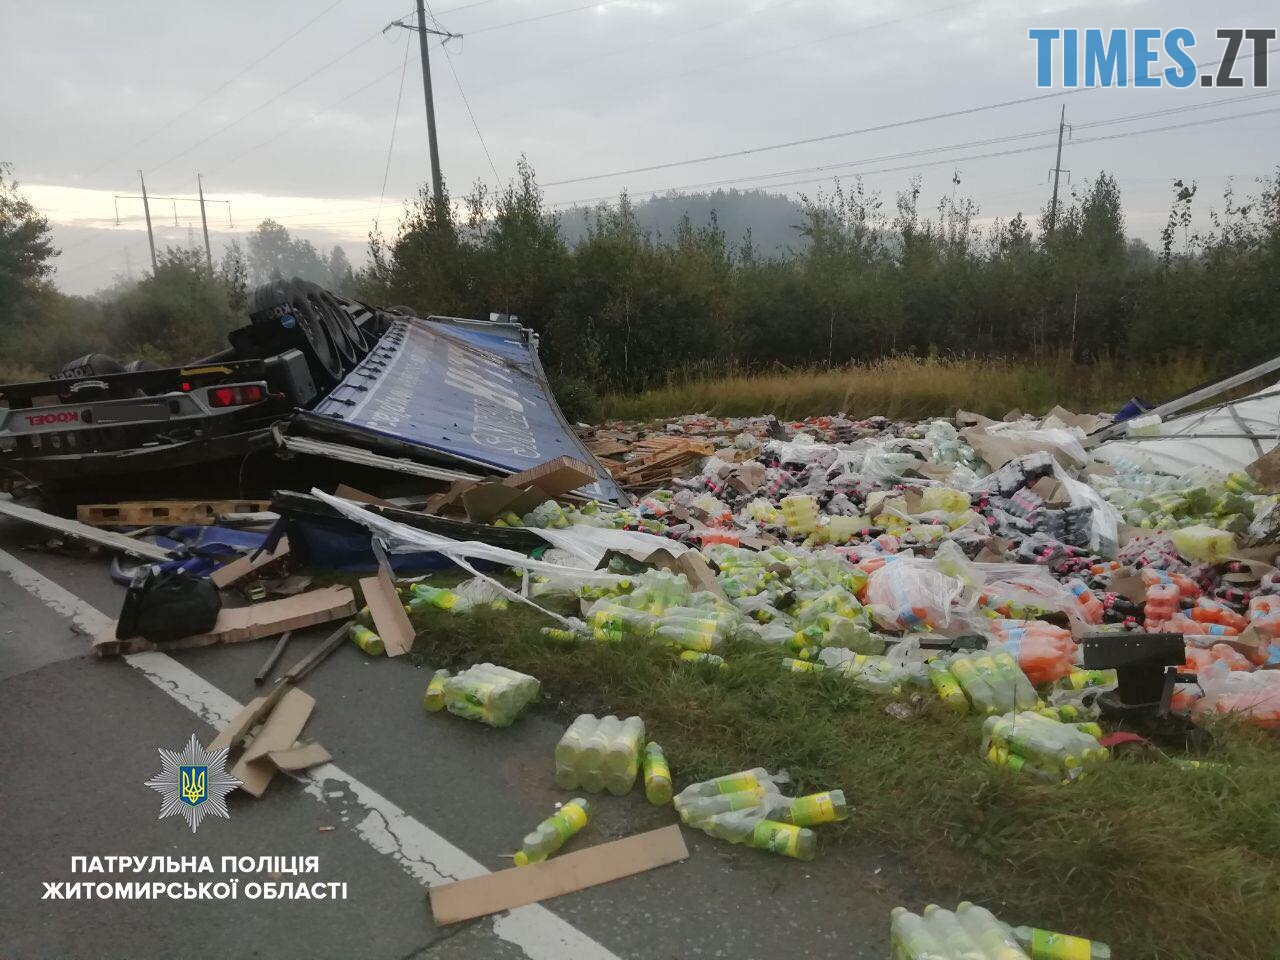 42912133 2700615873297475 8209607305134604288 o - У Житомирському район легковик в'іхав у вантажівку, яка опинилась у кюветі (ФОТО)